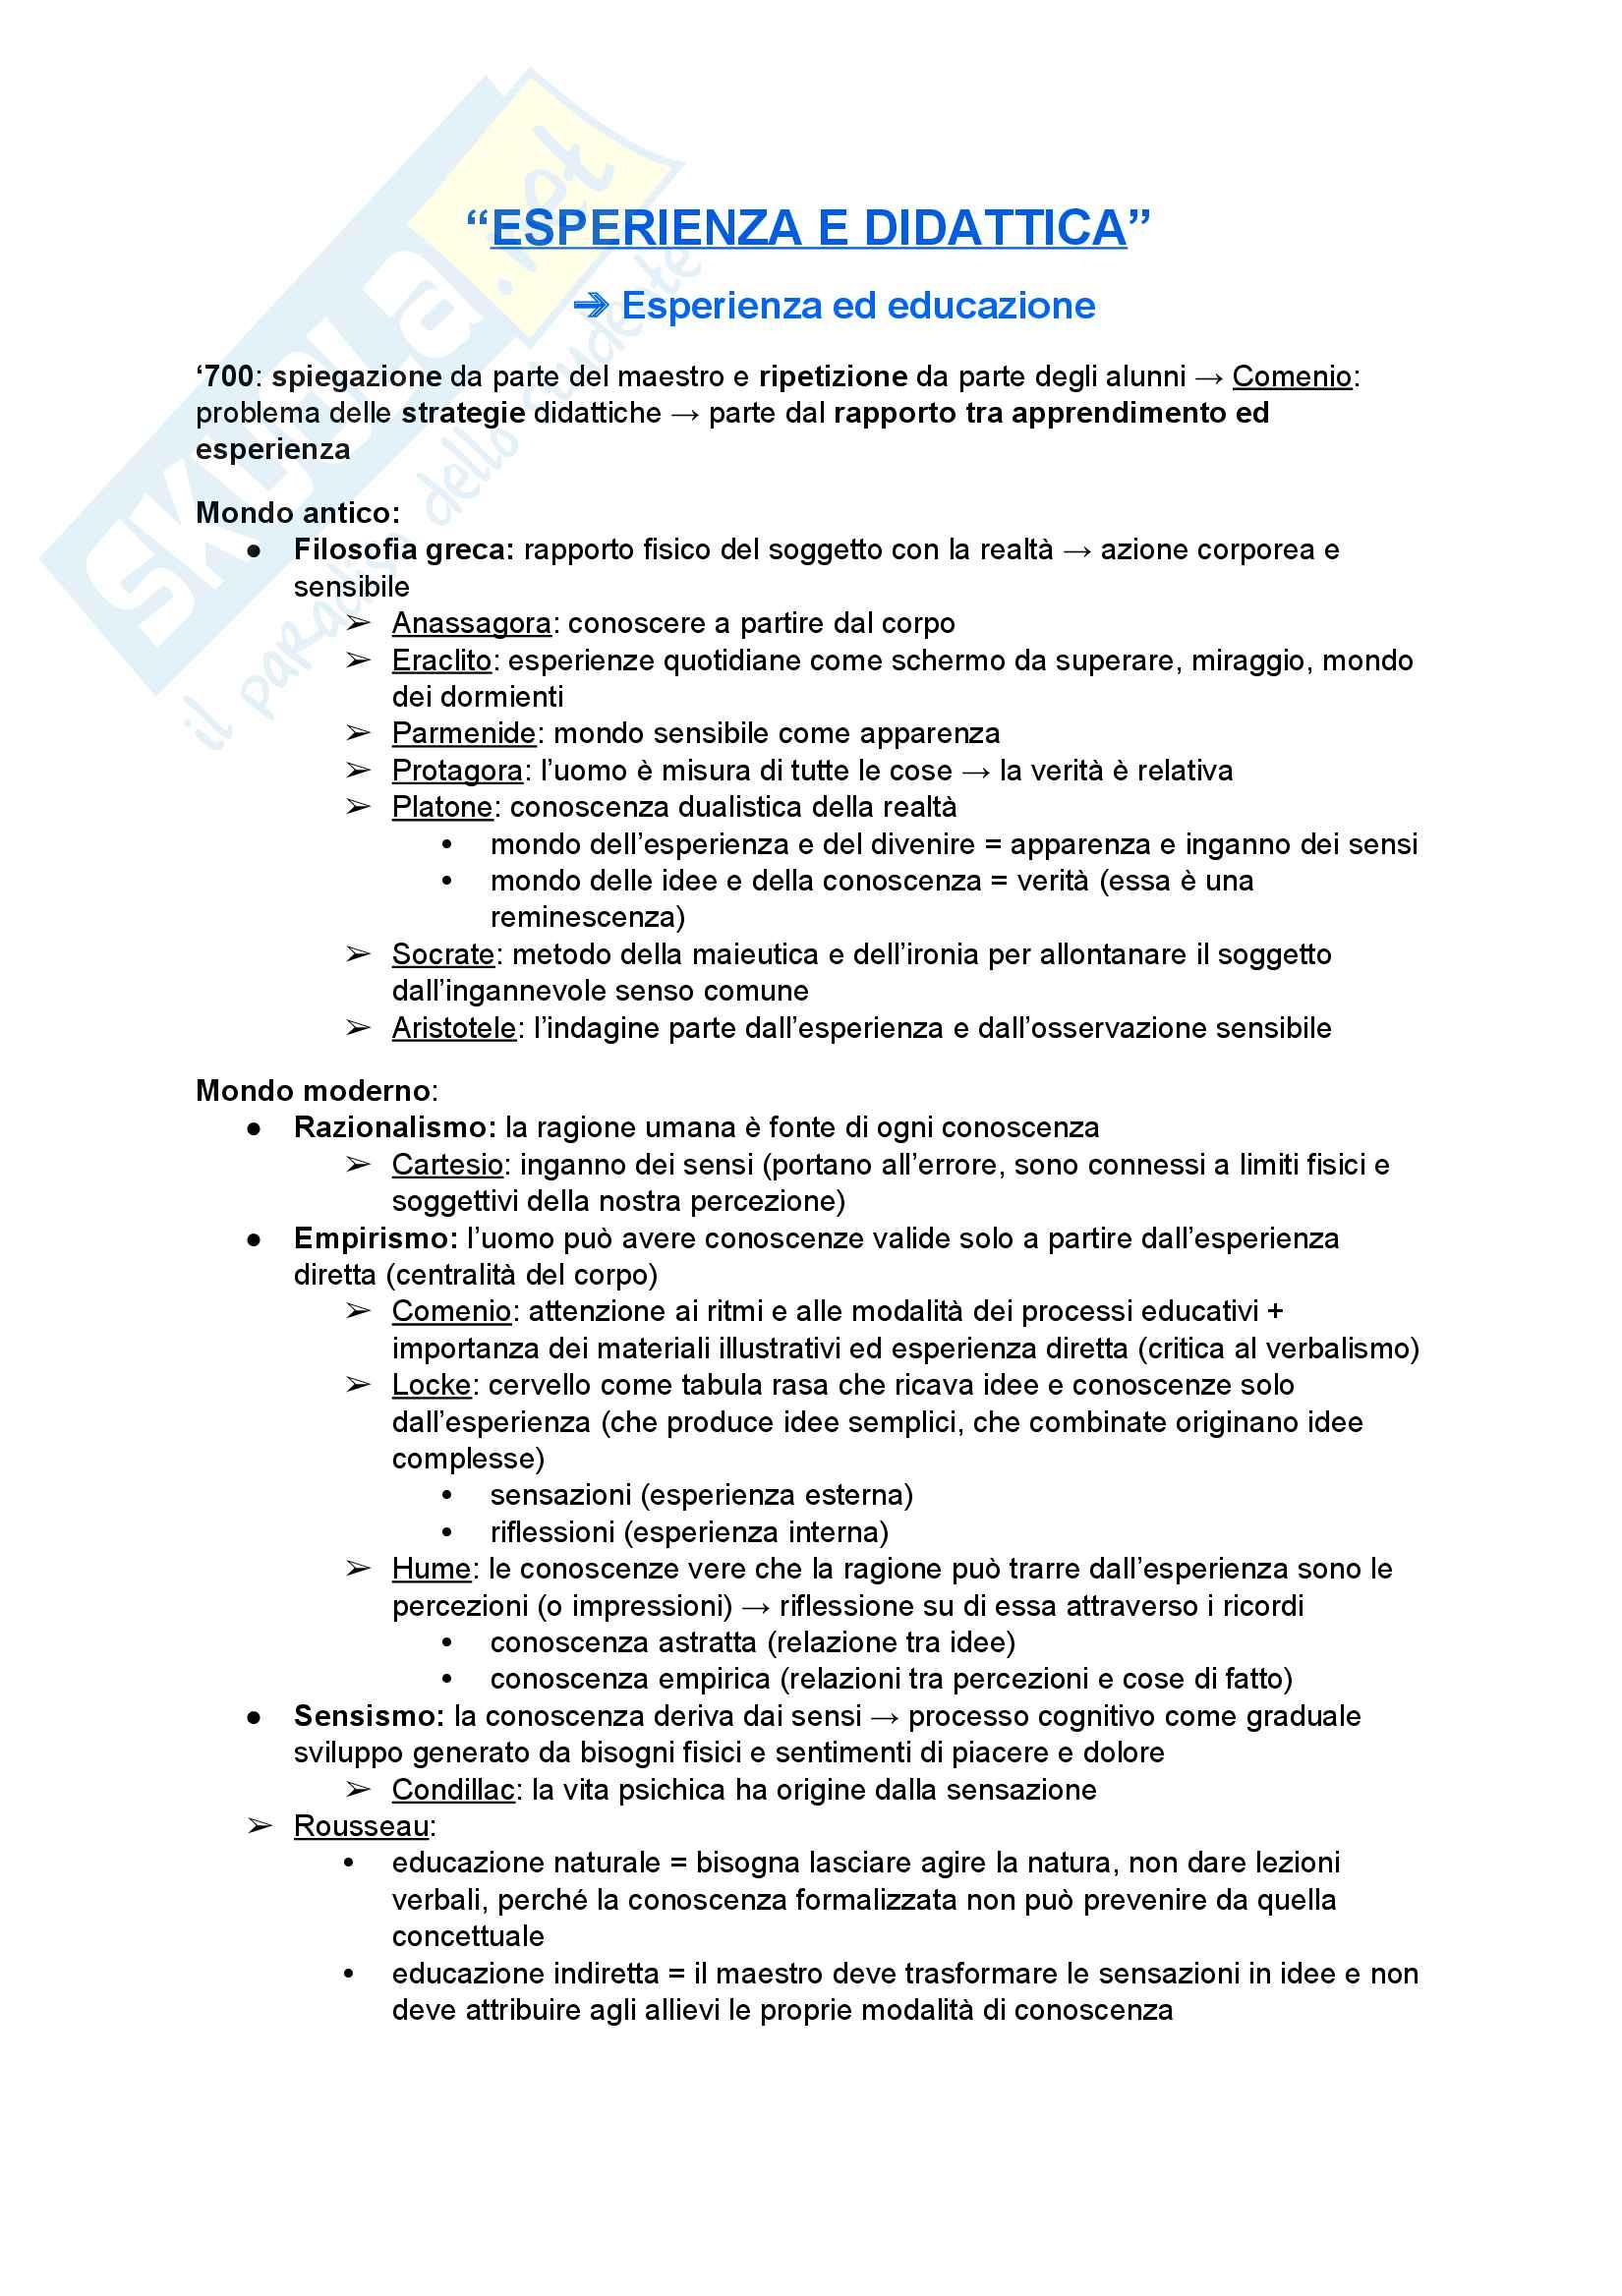 Riassunto esame Didattica Generale, prof. Teruggi, libro consigliato Esperienza e didattica, E. Nigris F. Zuccoli e S. Negri